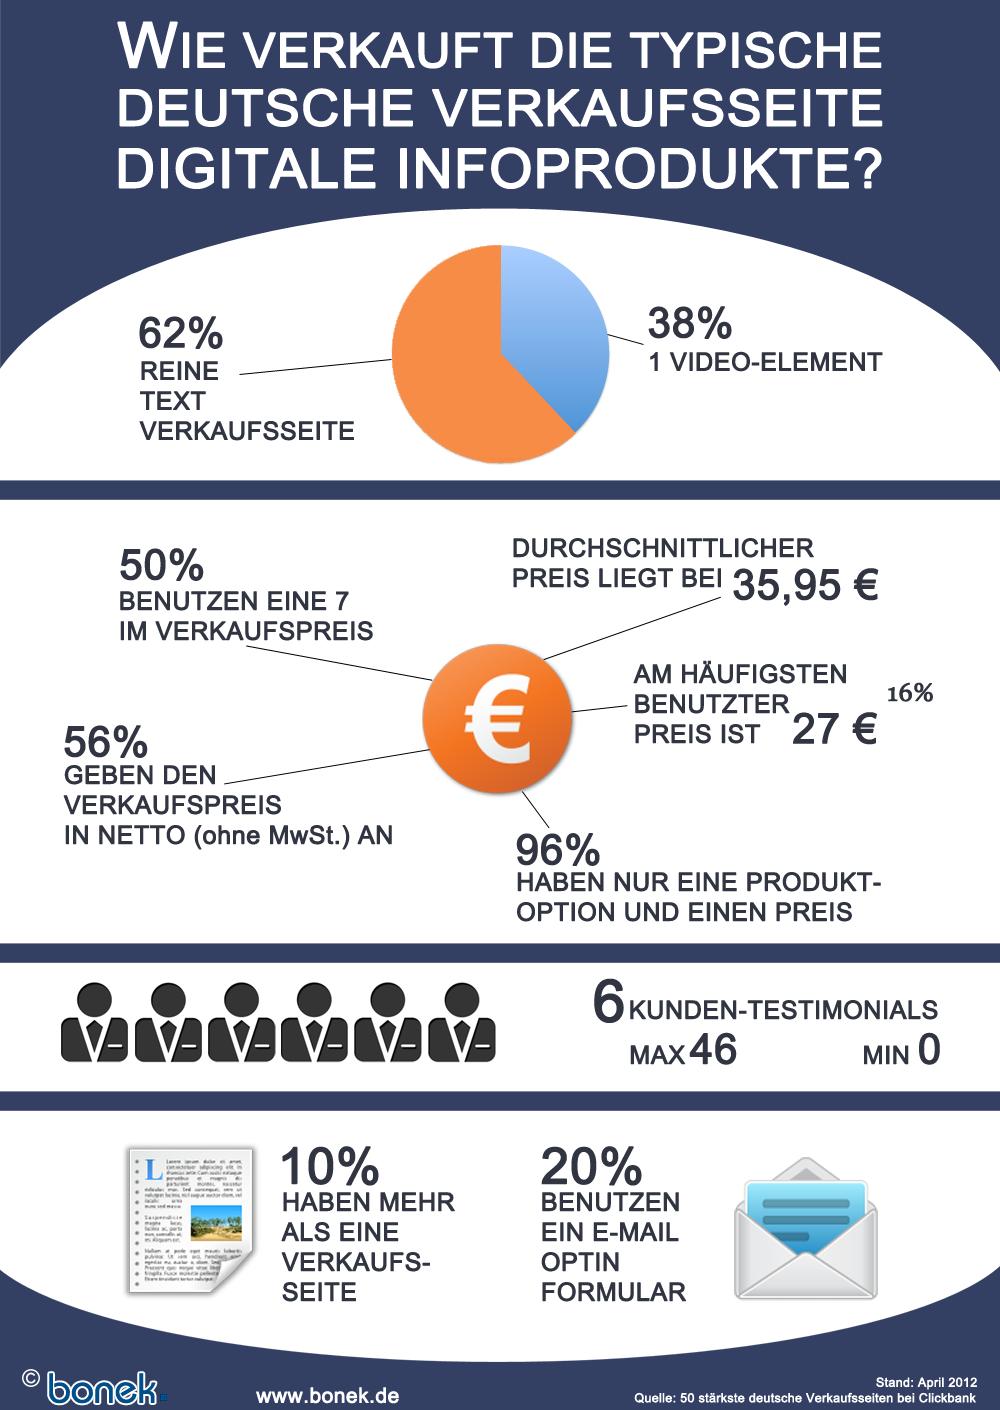 Die typische deutsche Verkaufsseite digitaler Infoprodukte